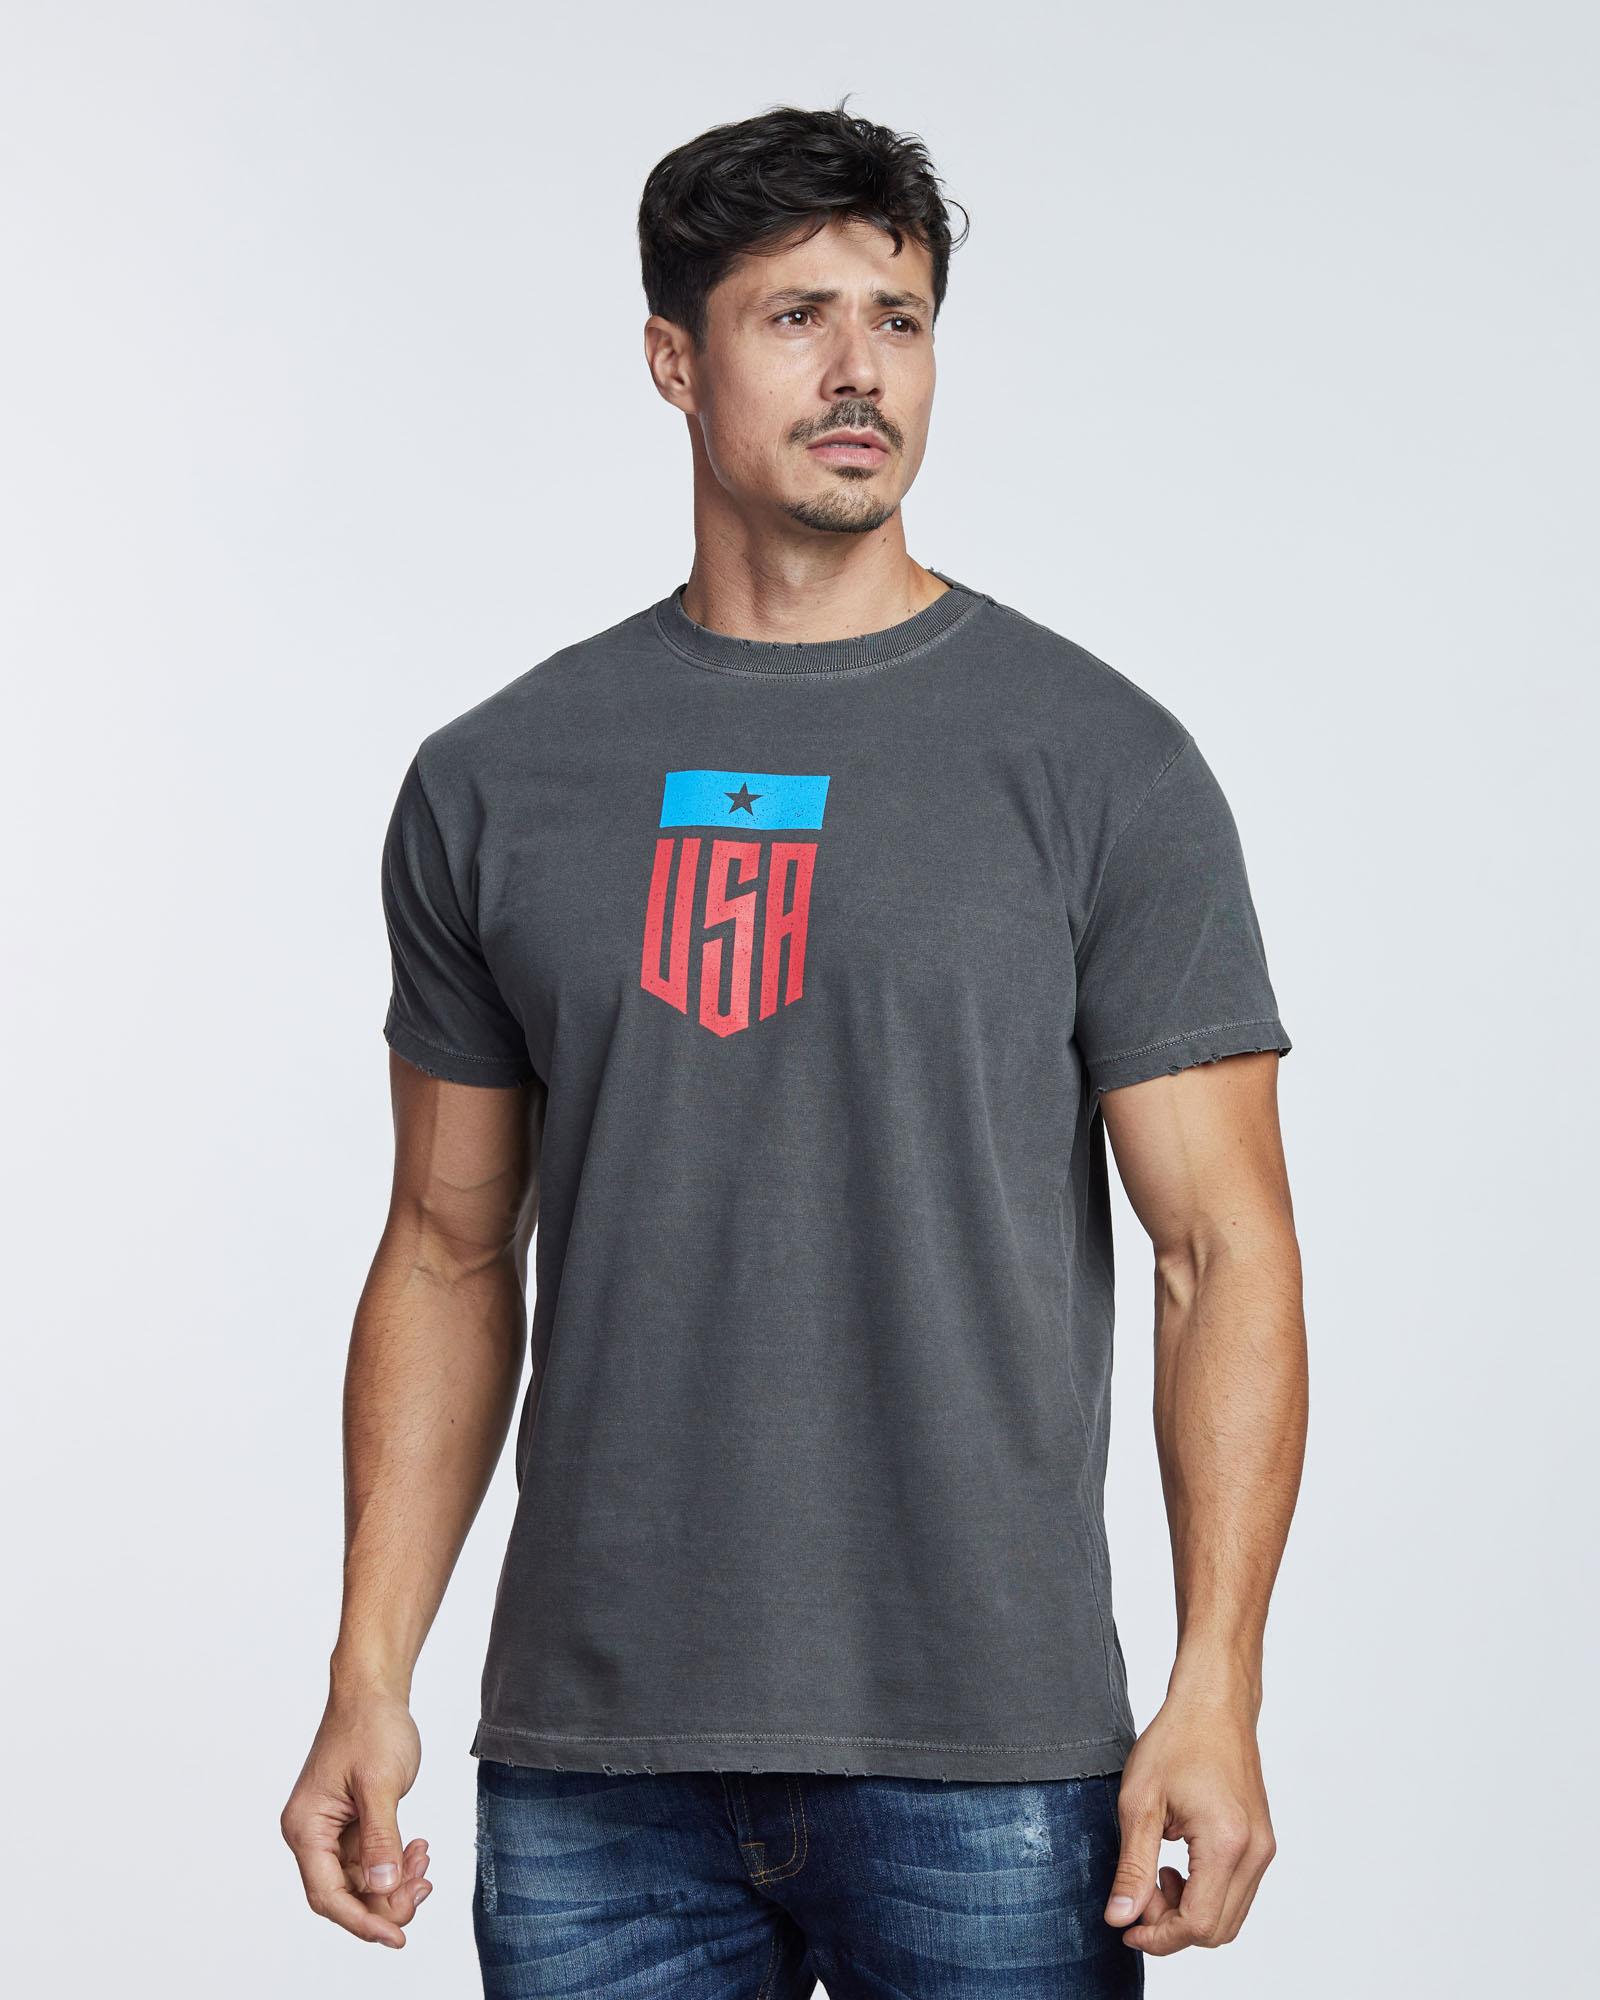 Camiseta USA Star Masculina Evolvee